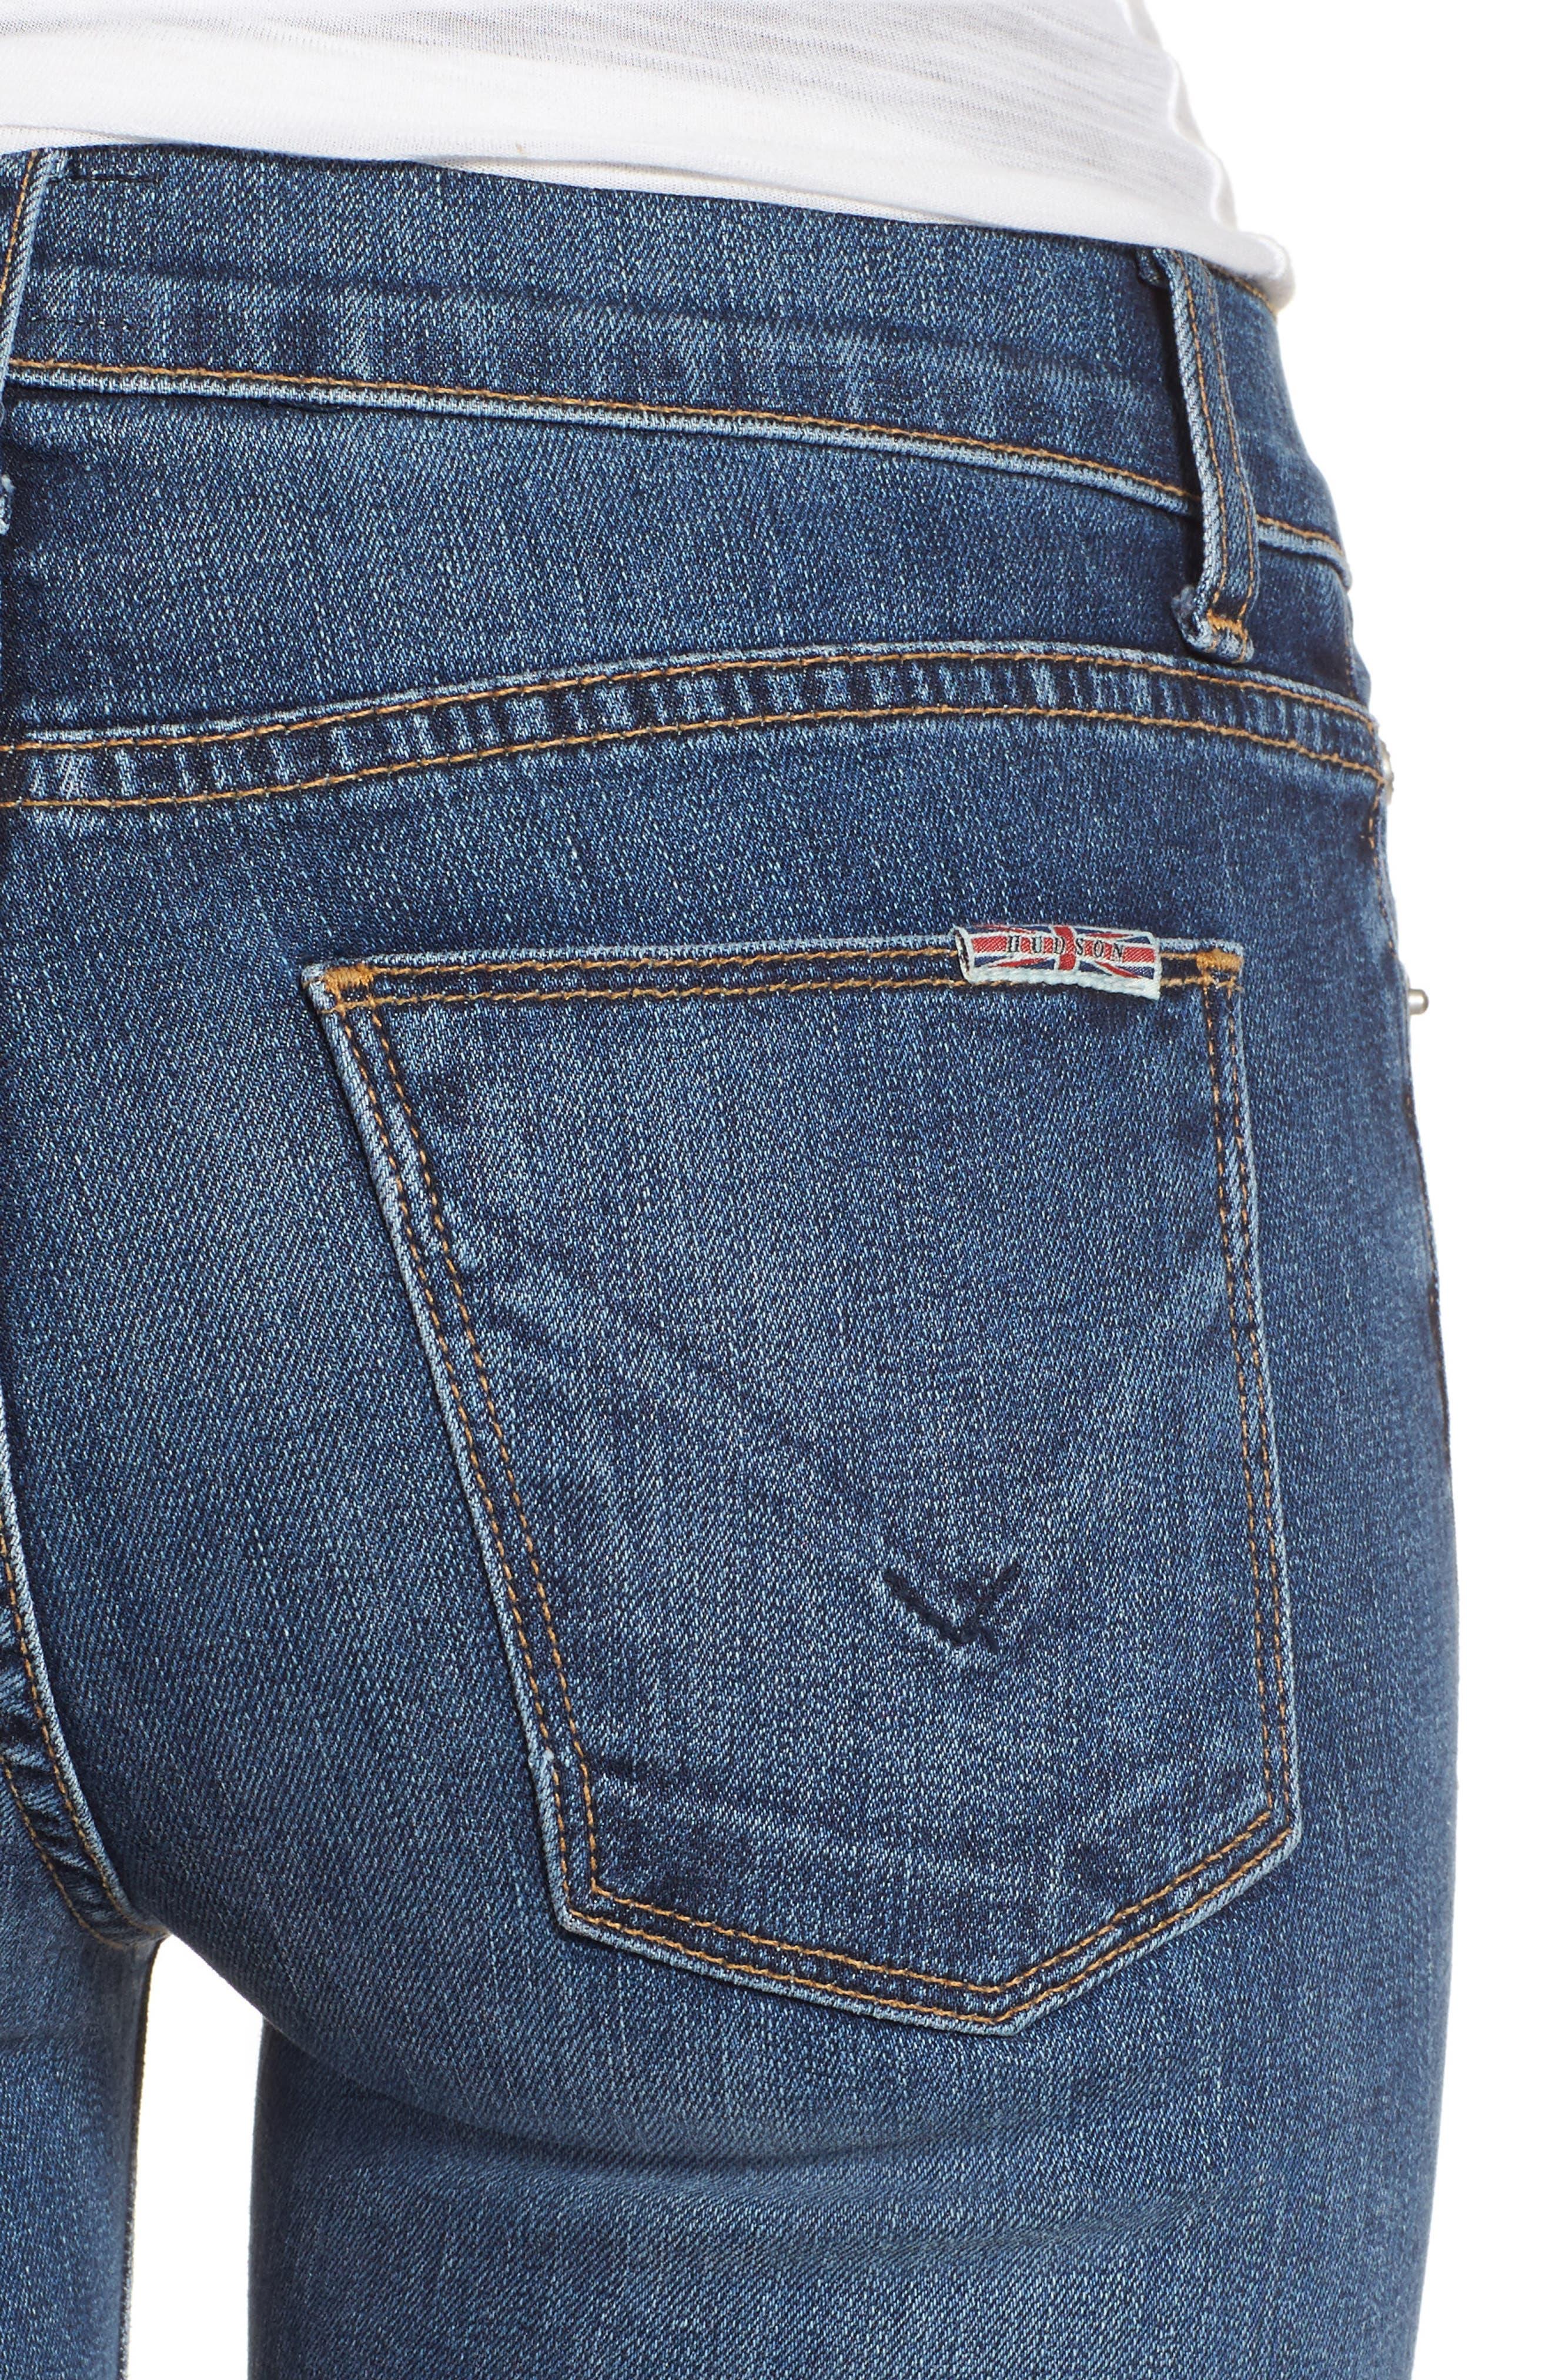 Alternate Image 4  - Hudson Jeans Drew Bootcut Jeans (Unfamed)